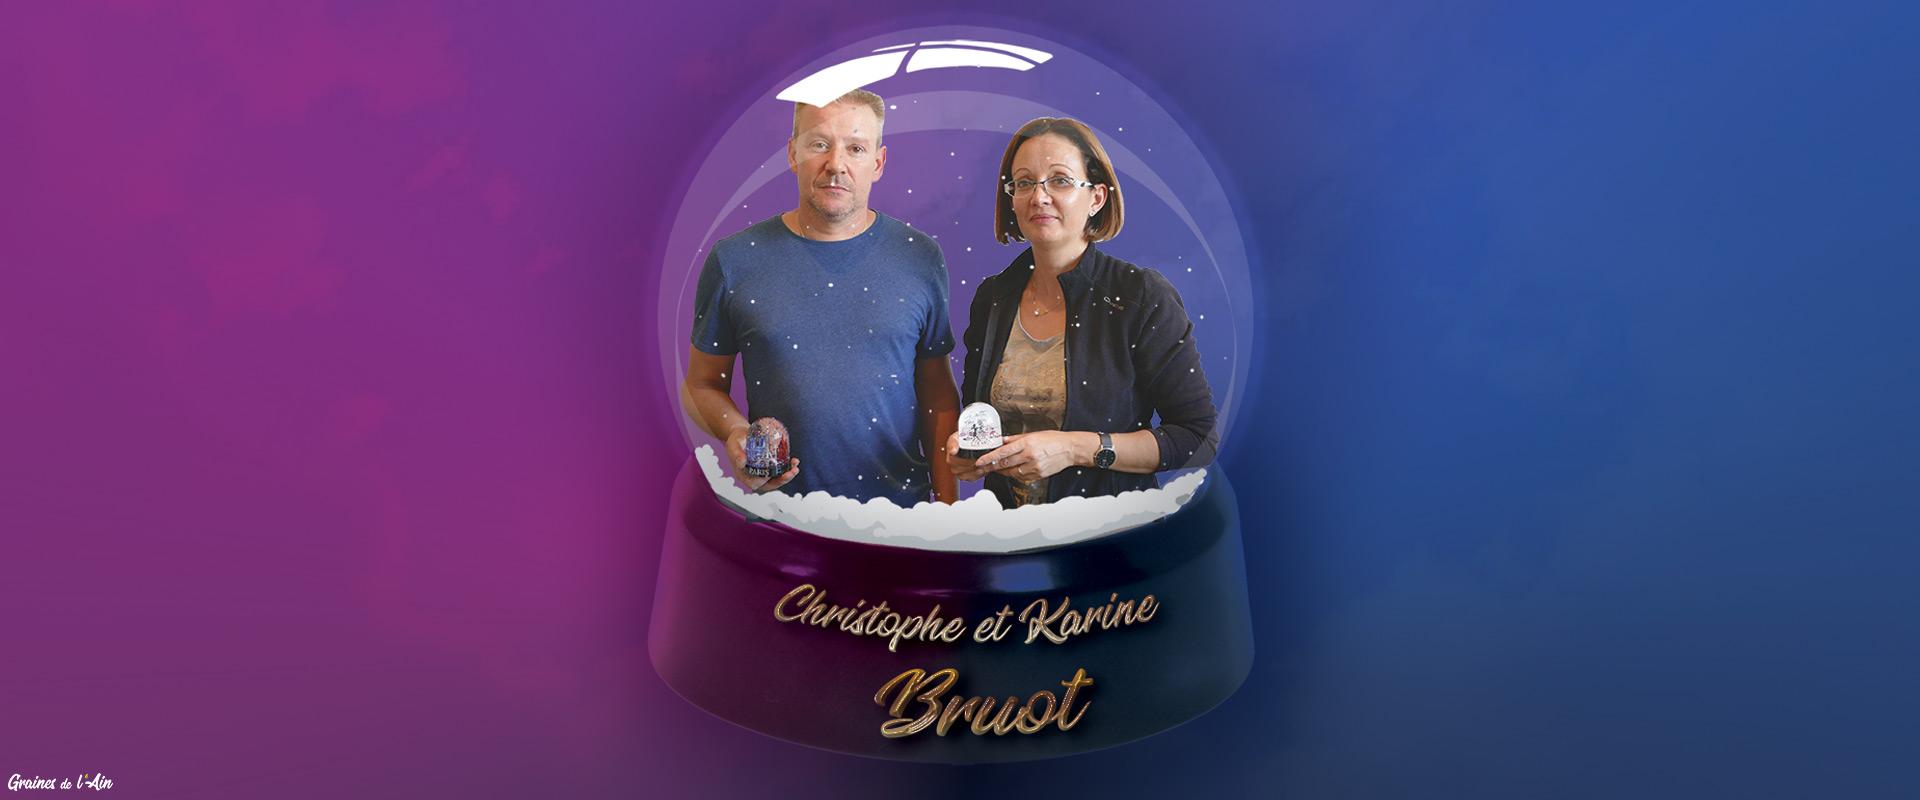 Entreprise Bruot boules à neige à Arbent - Graines de l' Ain